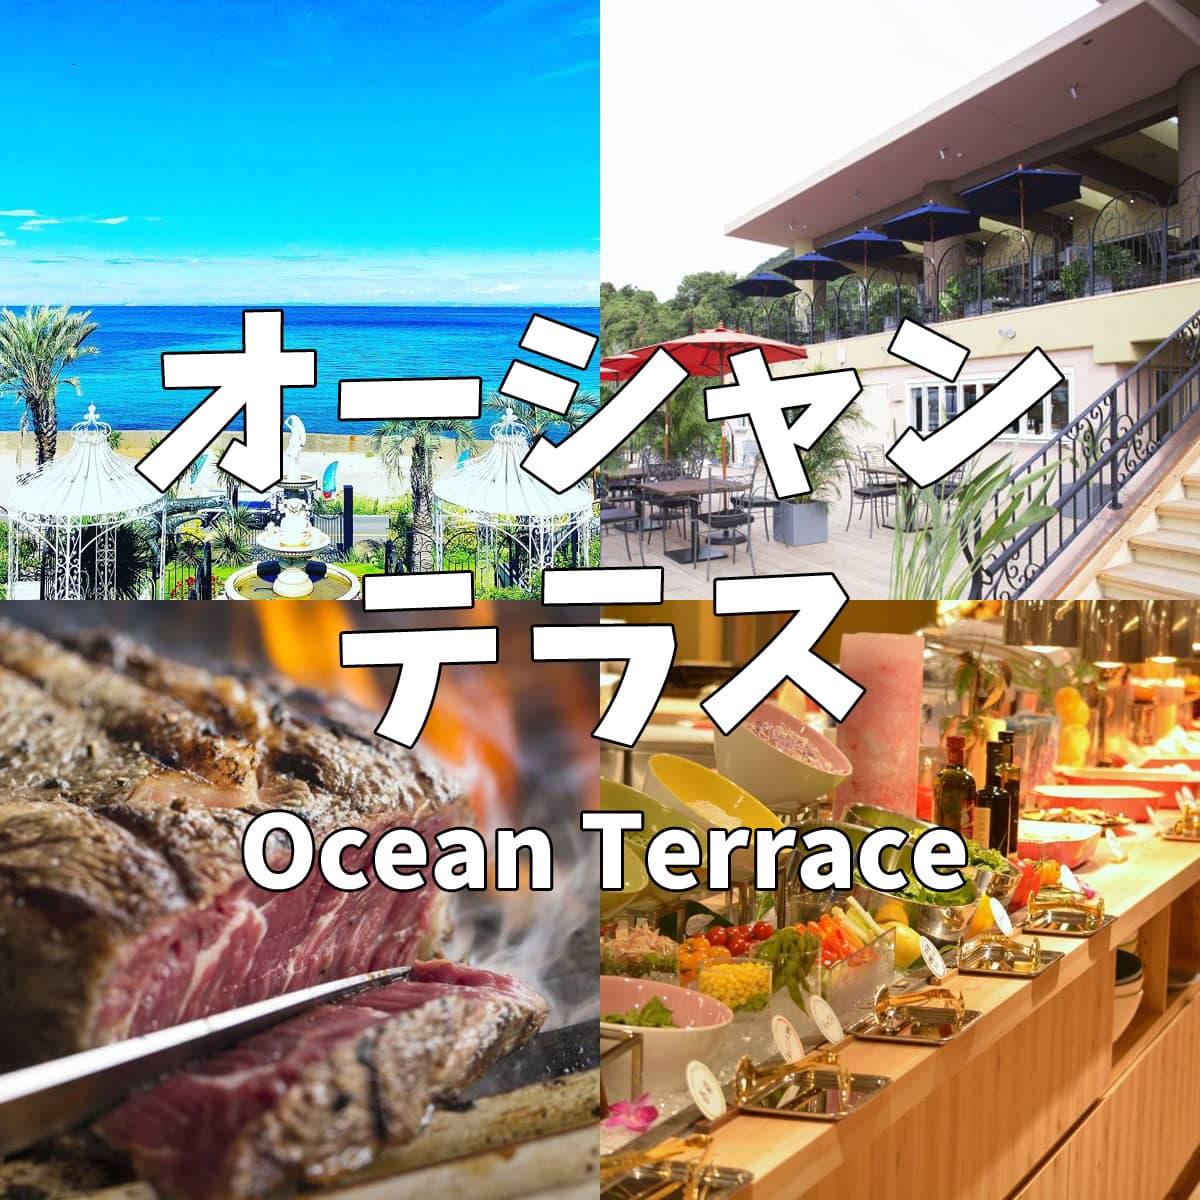 オーシャンテラス(Ocean Terrace)